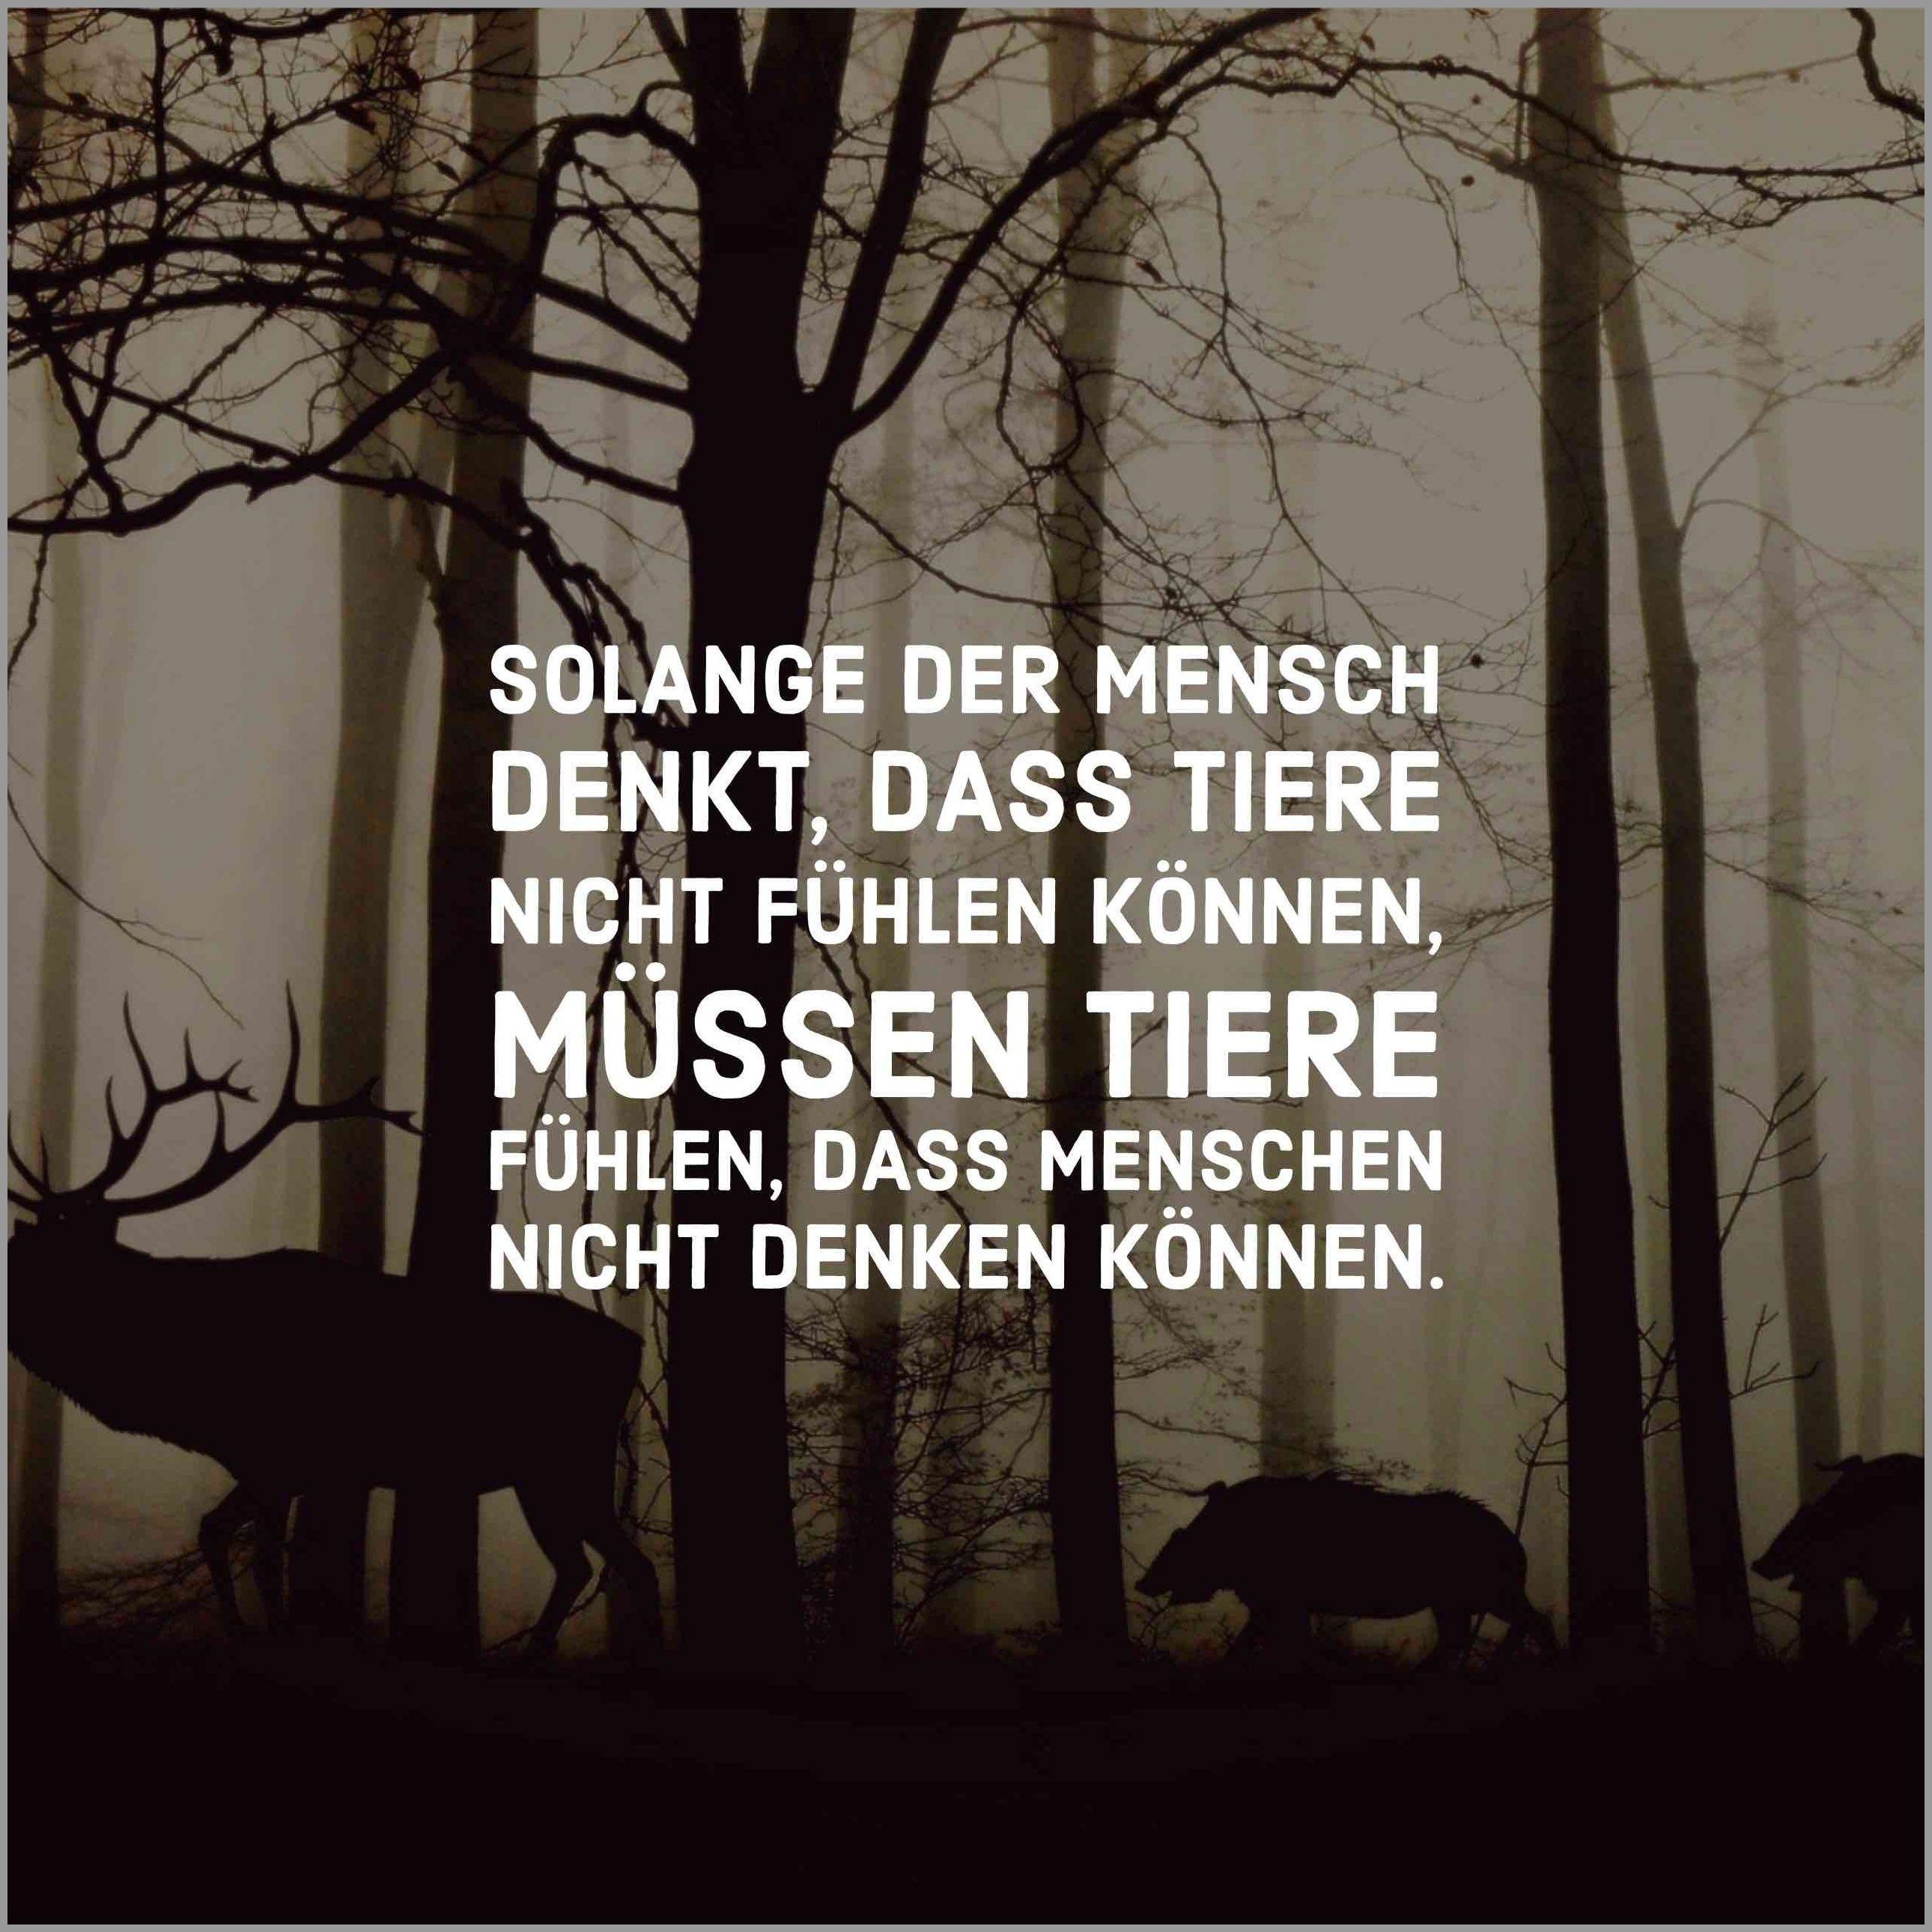 Solange der mensch denkt dass tiere nicht fuehlen koennen muessen tiere fuehlen dass menschen nicht denken koennen - Solange der mensch denkt dass tiere nicht fuehlen koennen muessen tiere fuehlen dass menschen nicht denken koennen